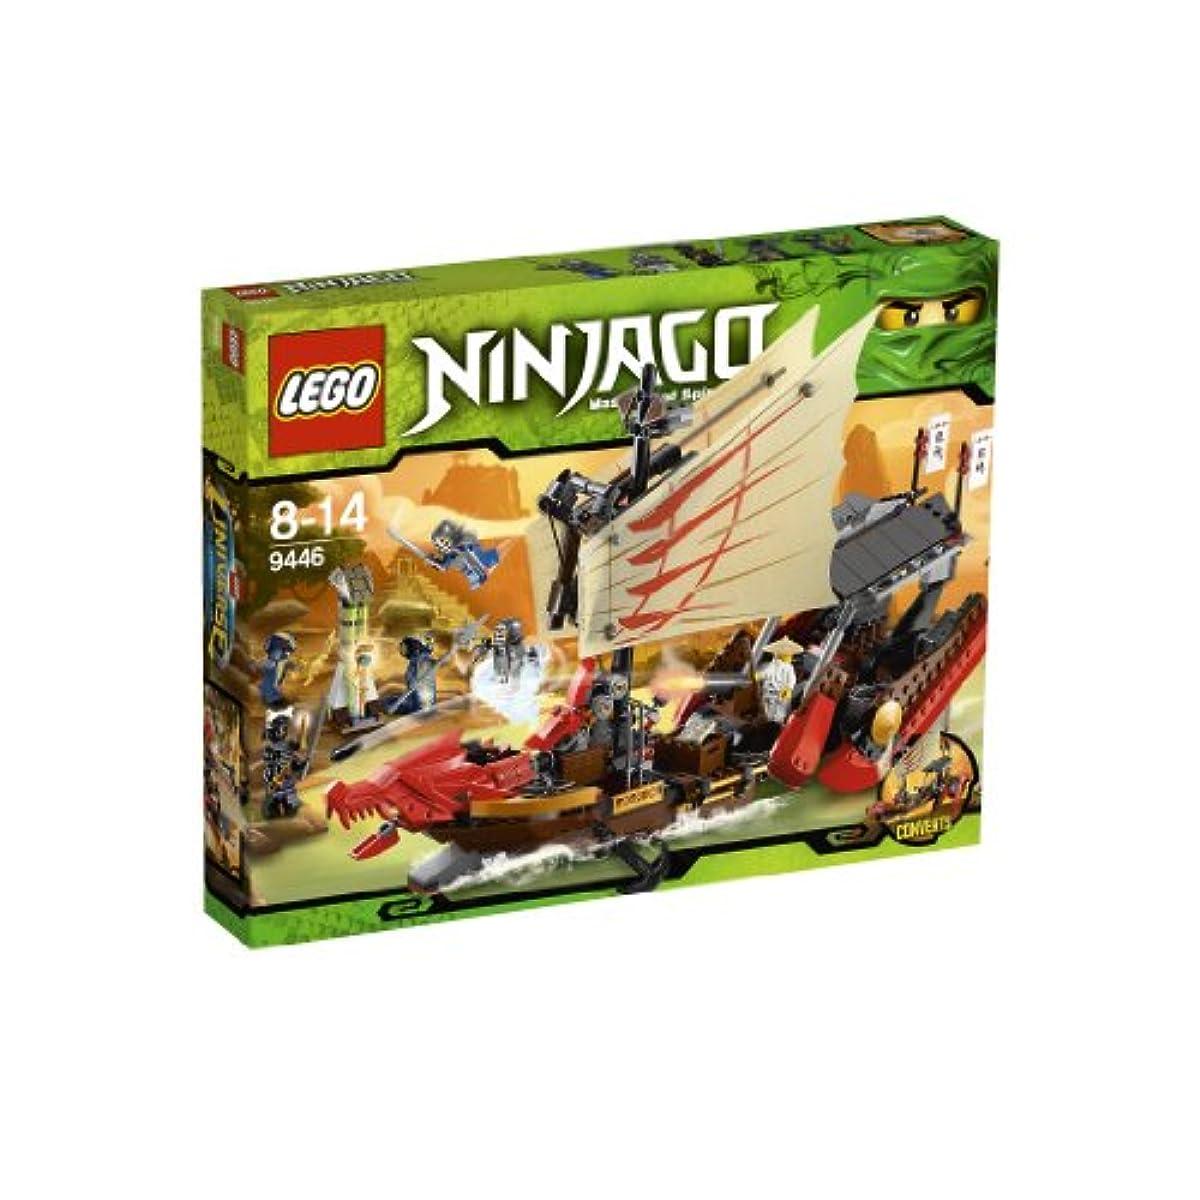 [해외] 레고 (LEGO) 닌자고 비행 전함 닌자고 9446 (2011-12-29)